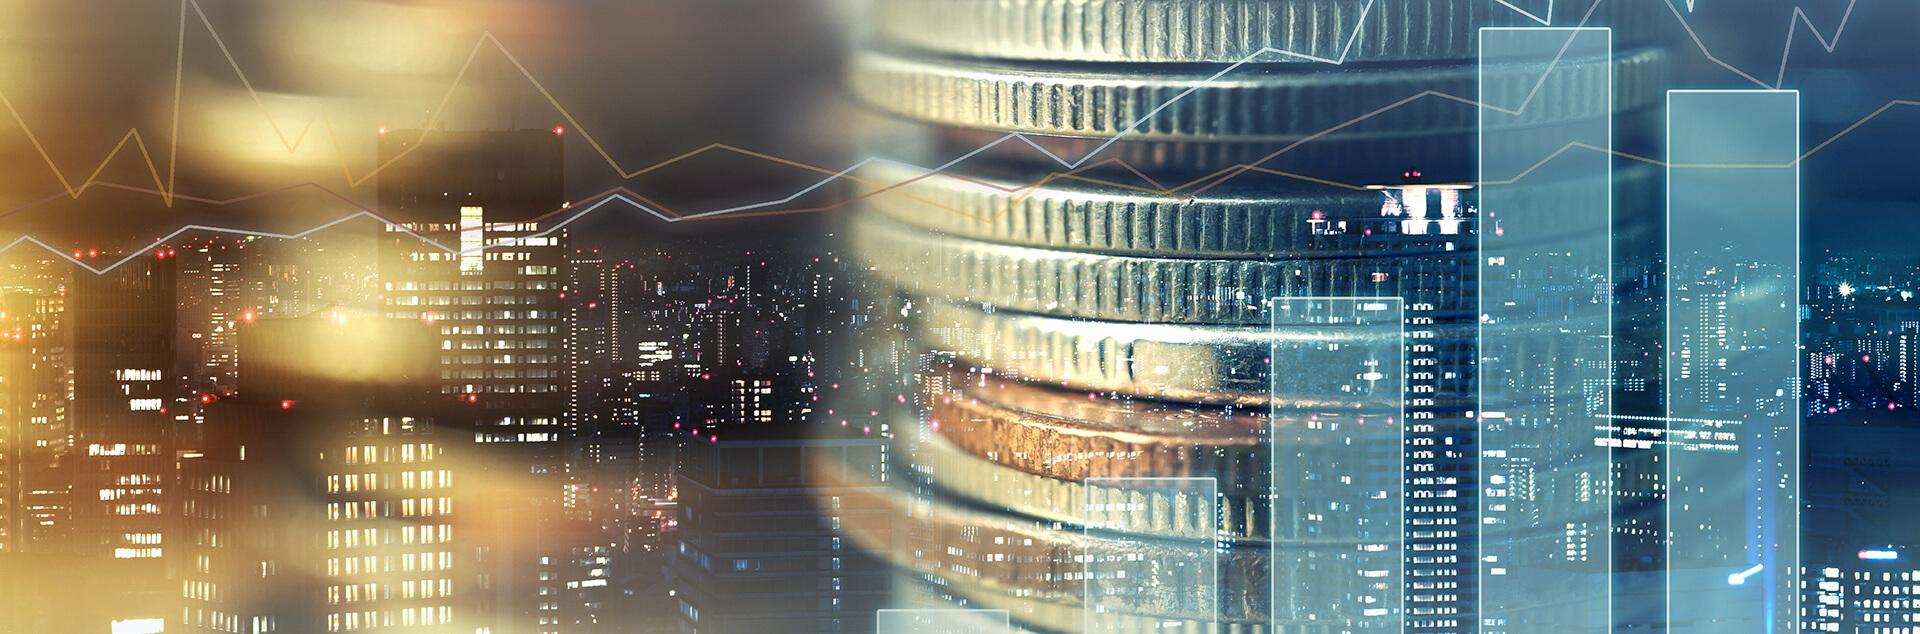 Банки и финансовые услуги | AdIndex.ru | AdIndex.ru